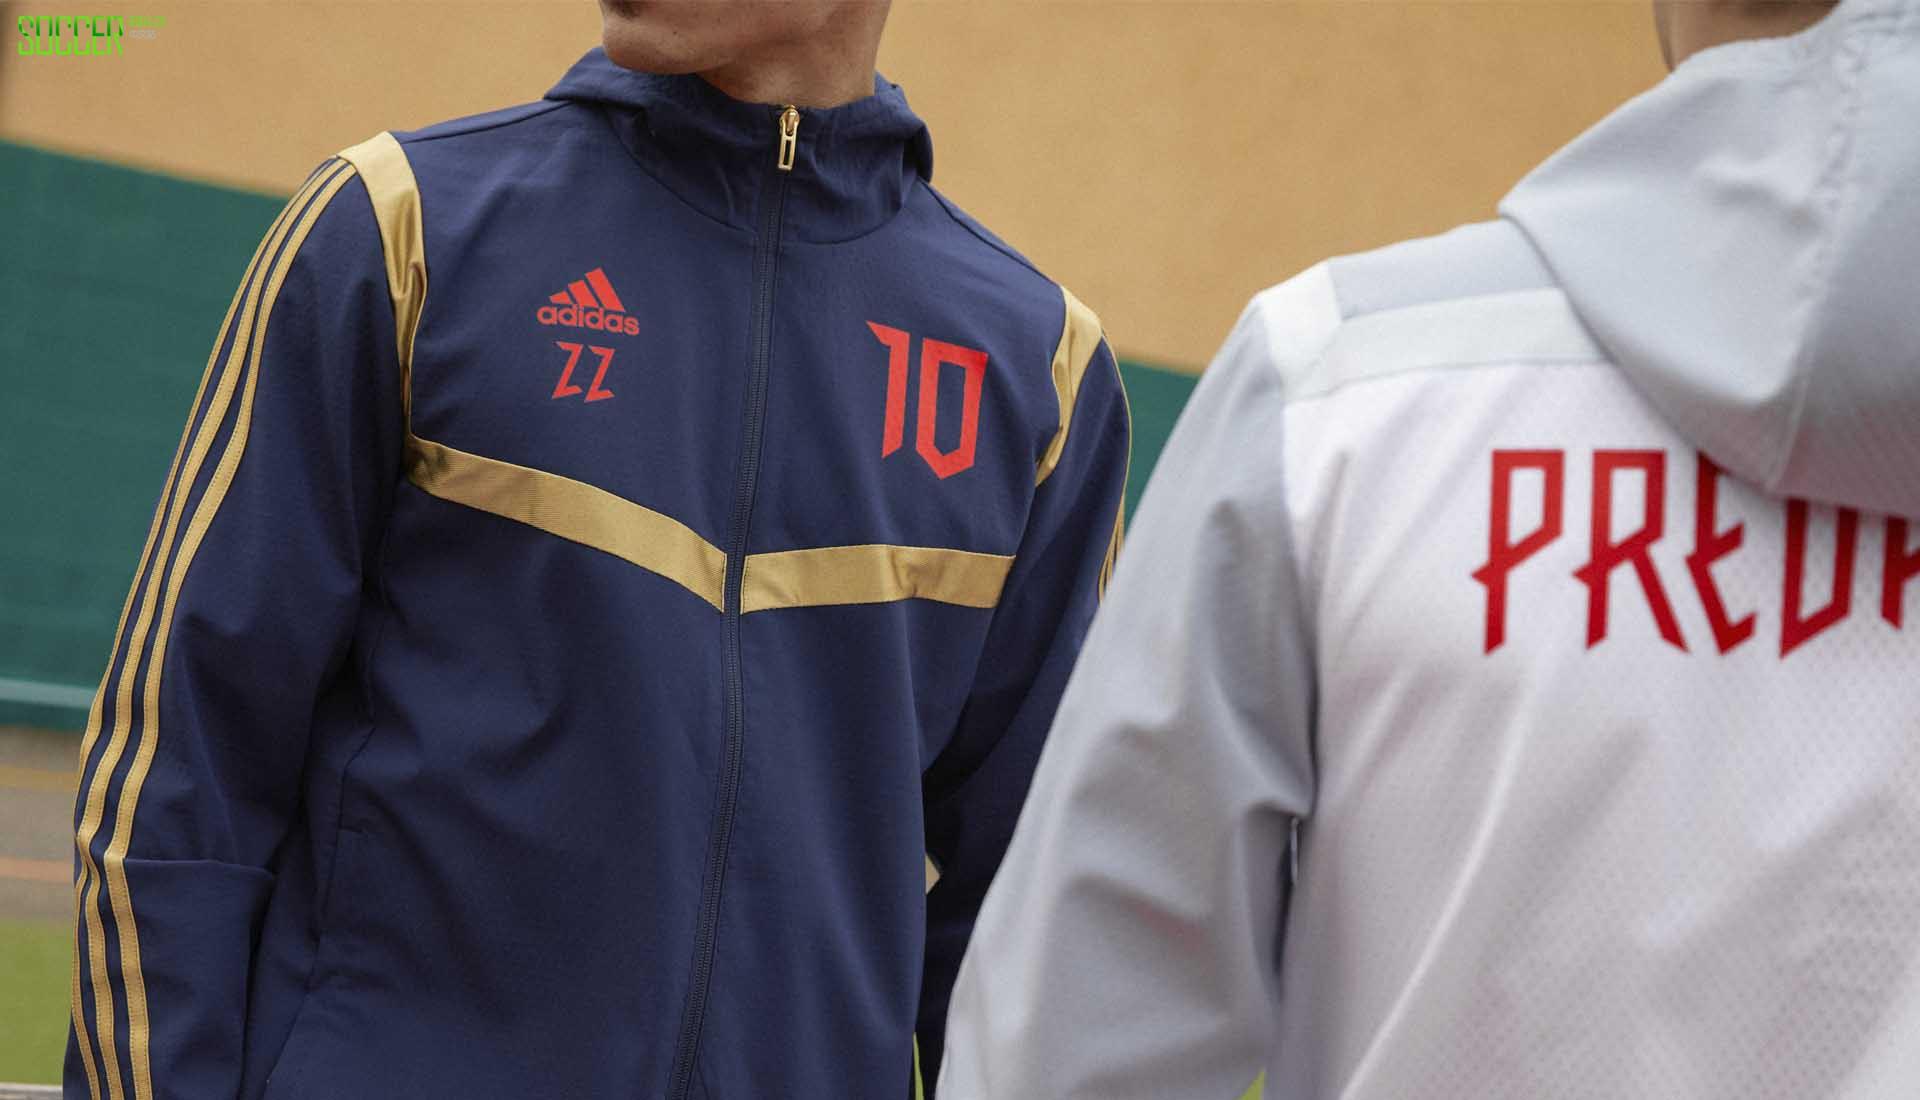 齐祖、小贝齐上阵 阿迪达斯正式发布猎鹰25周年系列套装